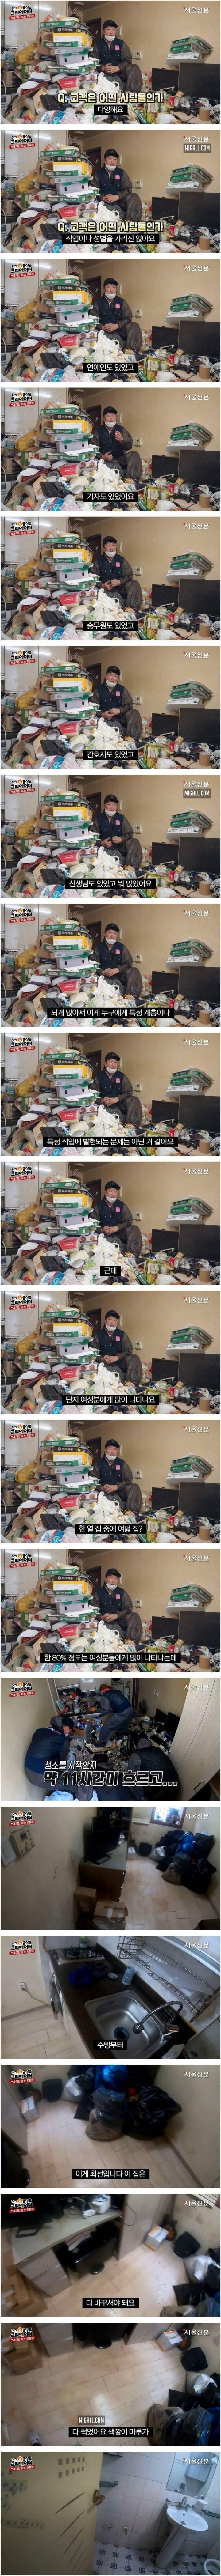 쓰레기집 청소 유튜버의 주요 고객 | 인스티즈